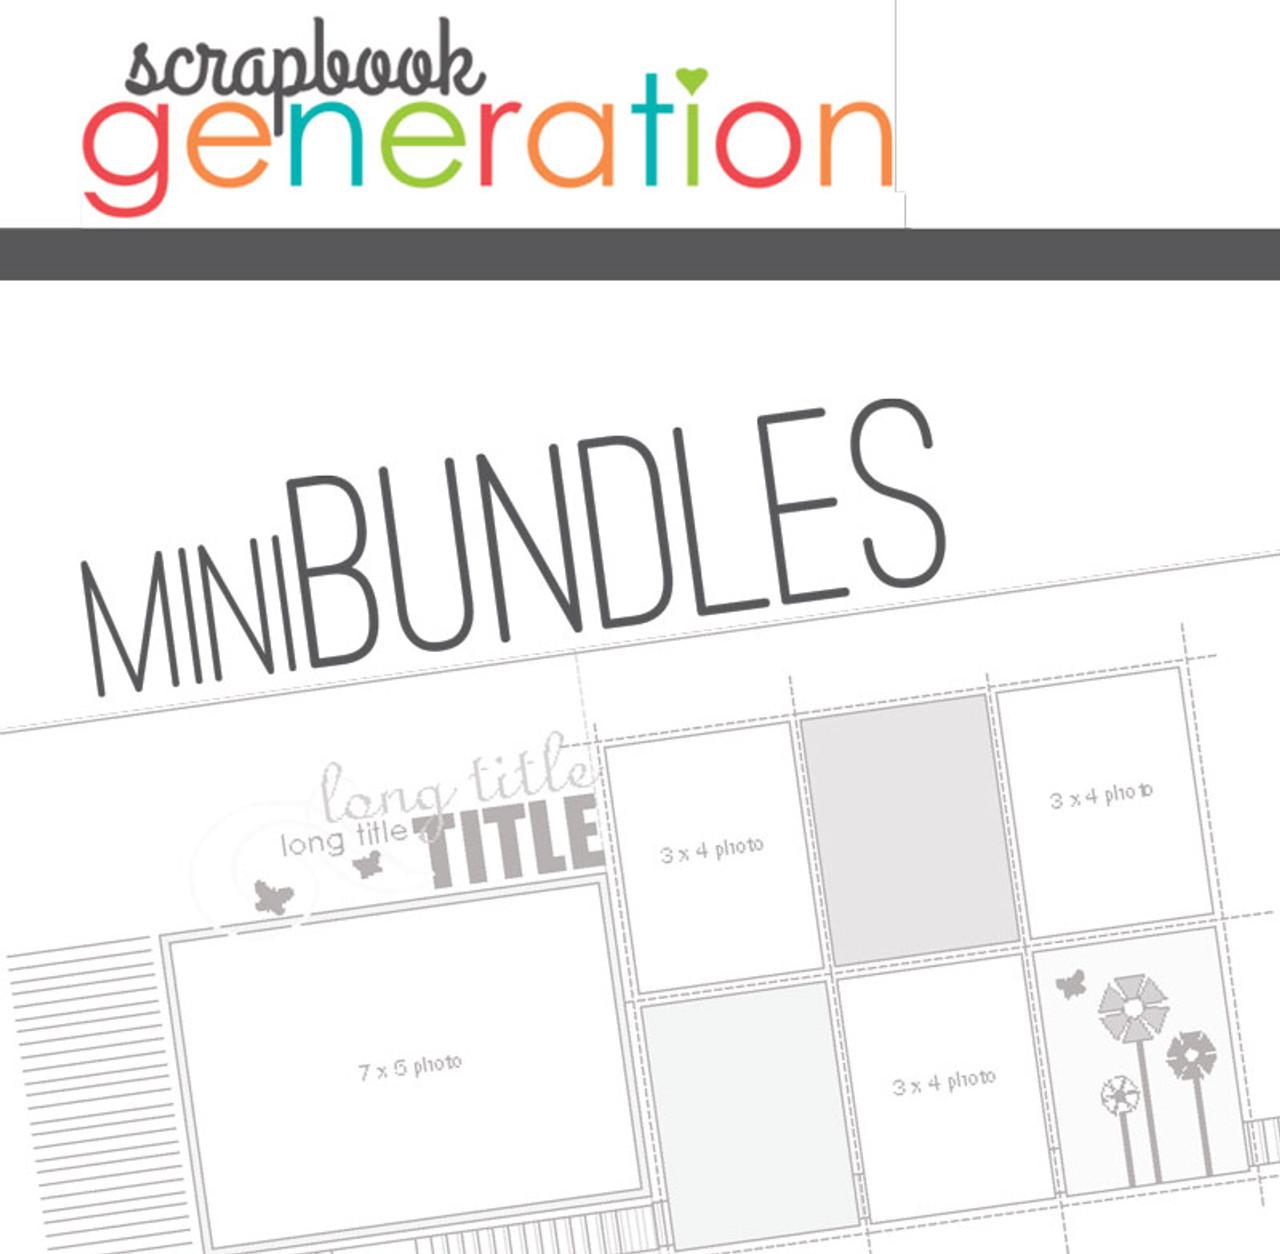 mini bundle may 2015 nsd mini bundle two page 6 7 8 9 10